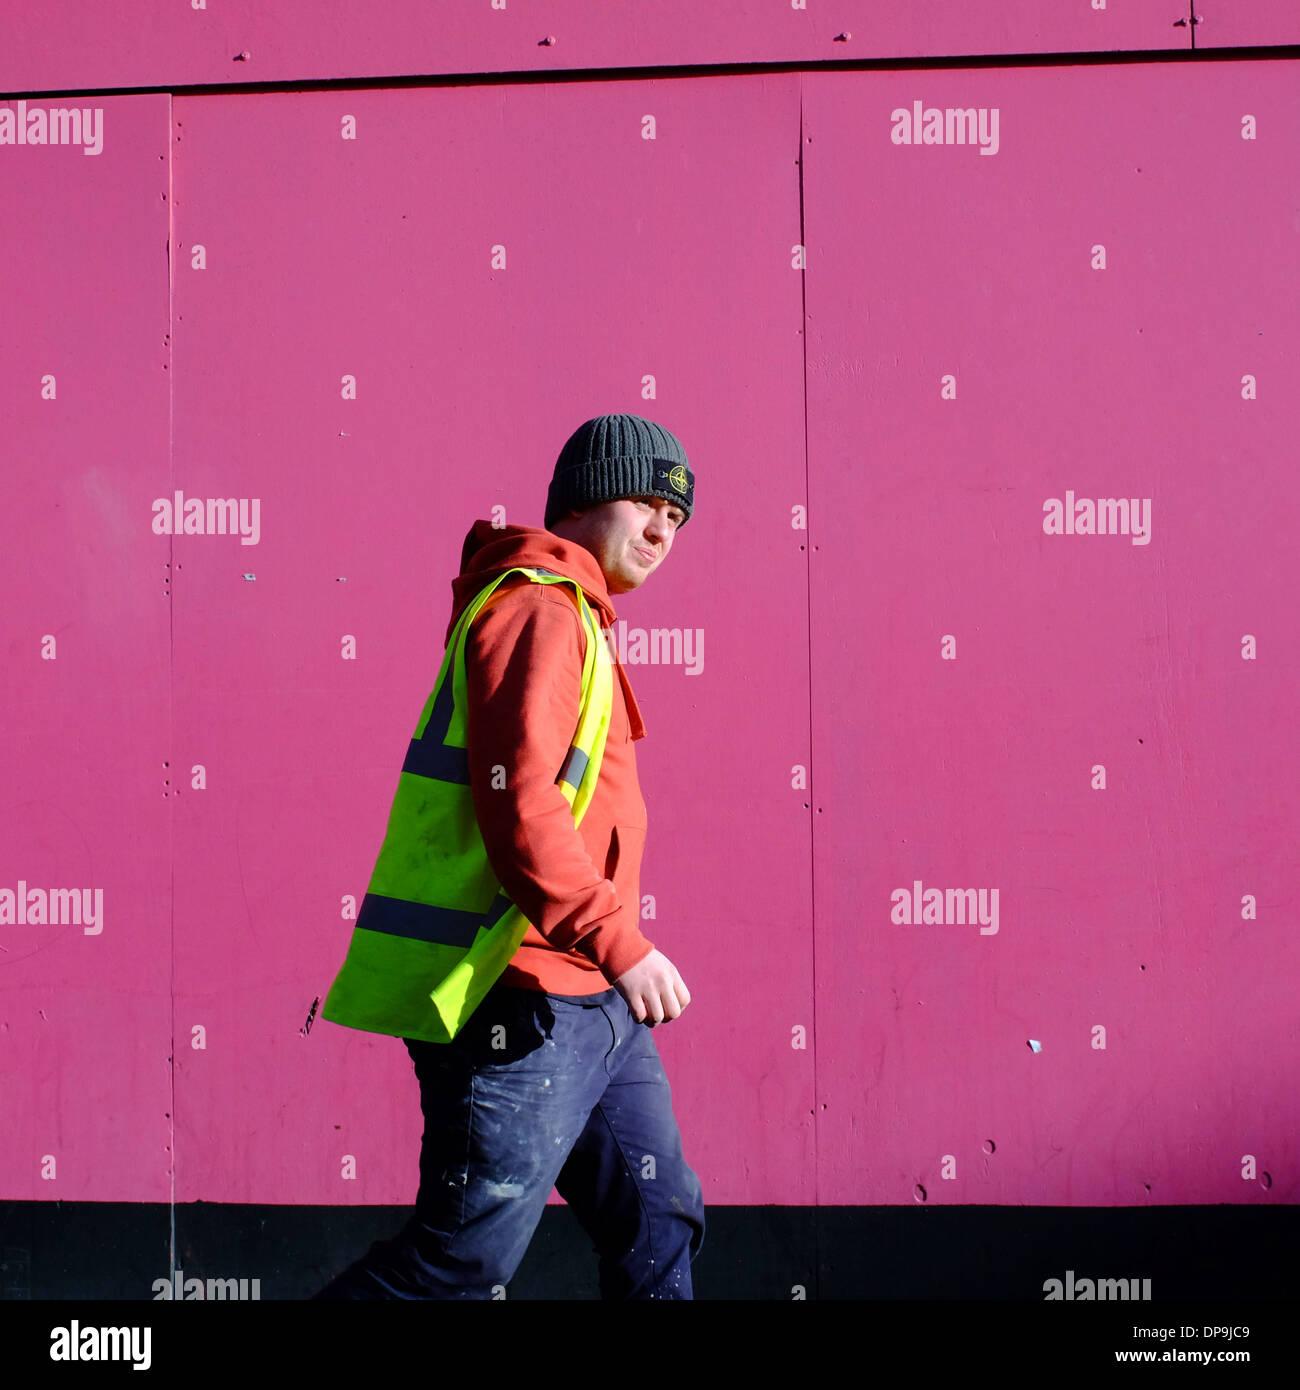 Uomo che indossa alta visibilità giacca passeggiate passato sito rosa imbarco Immagini Stock